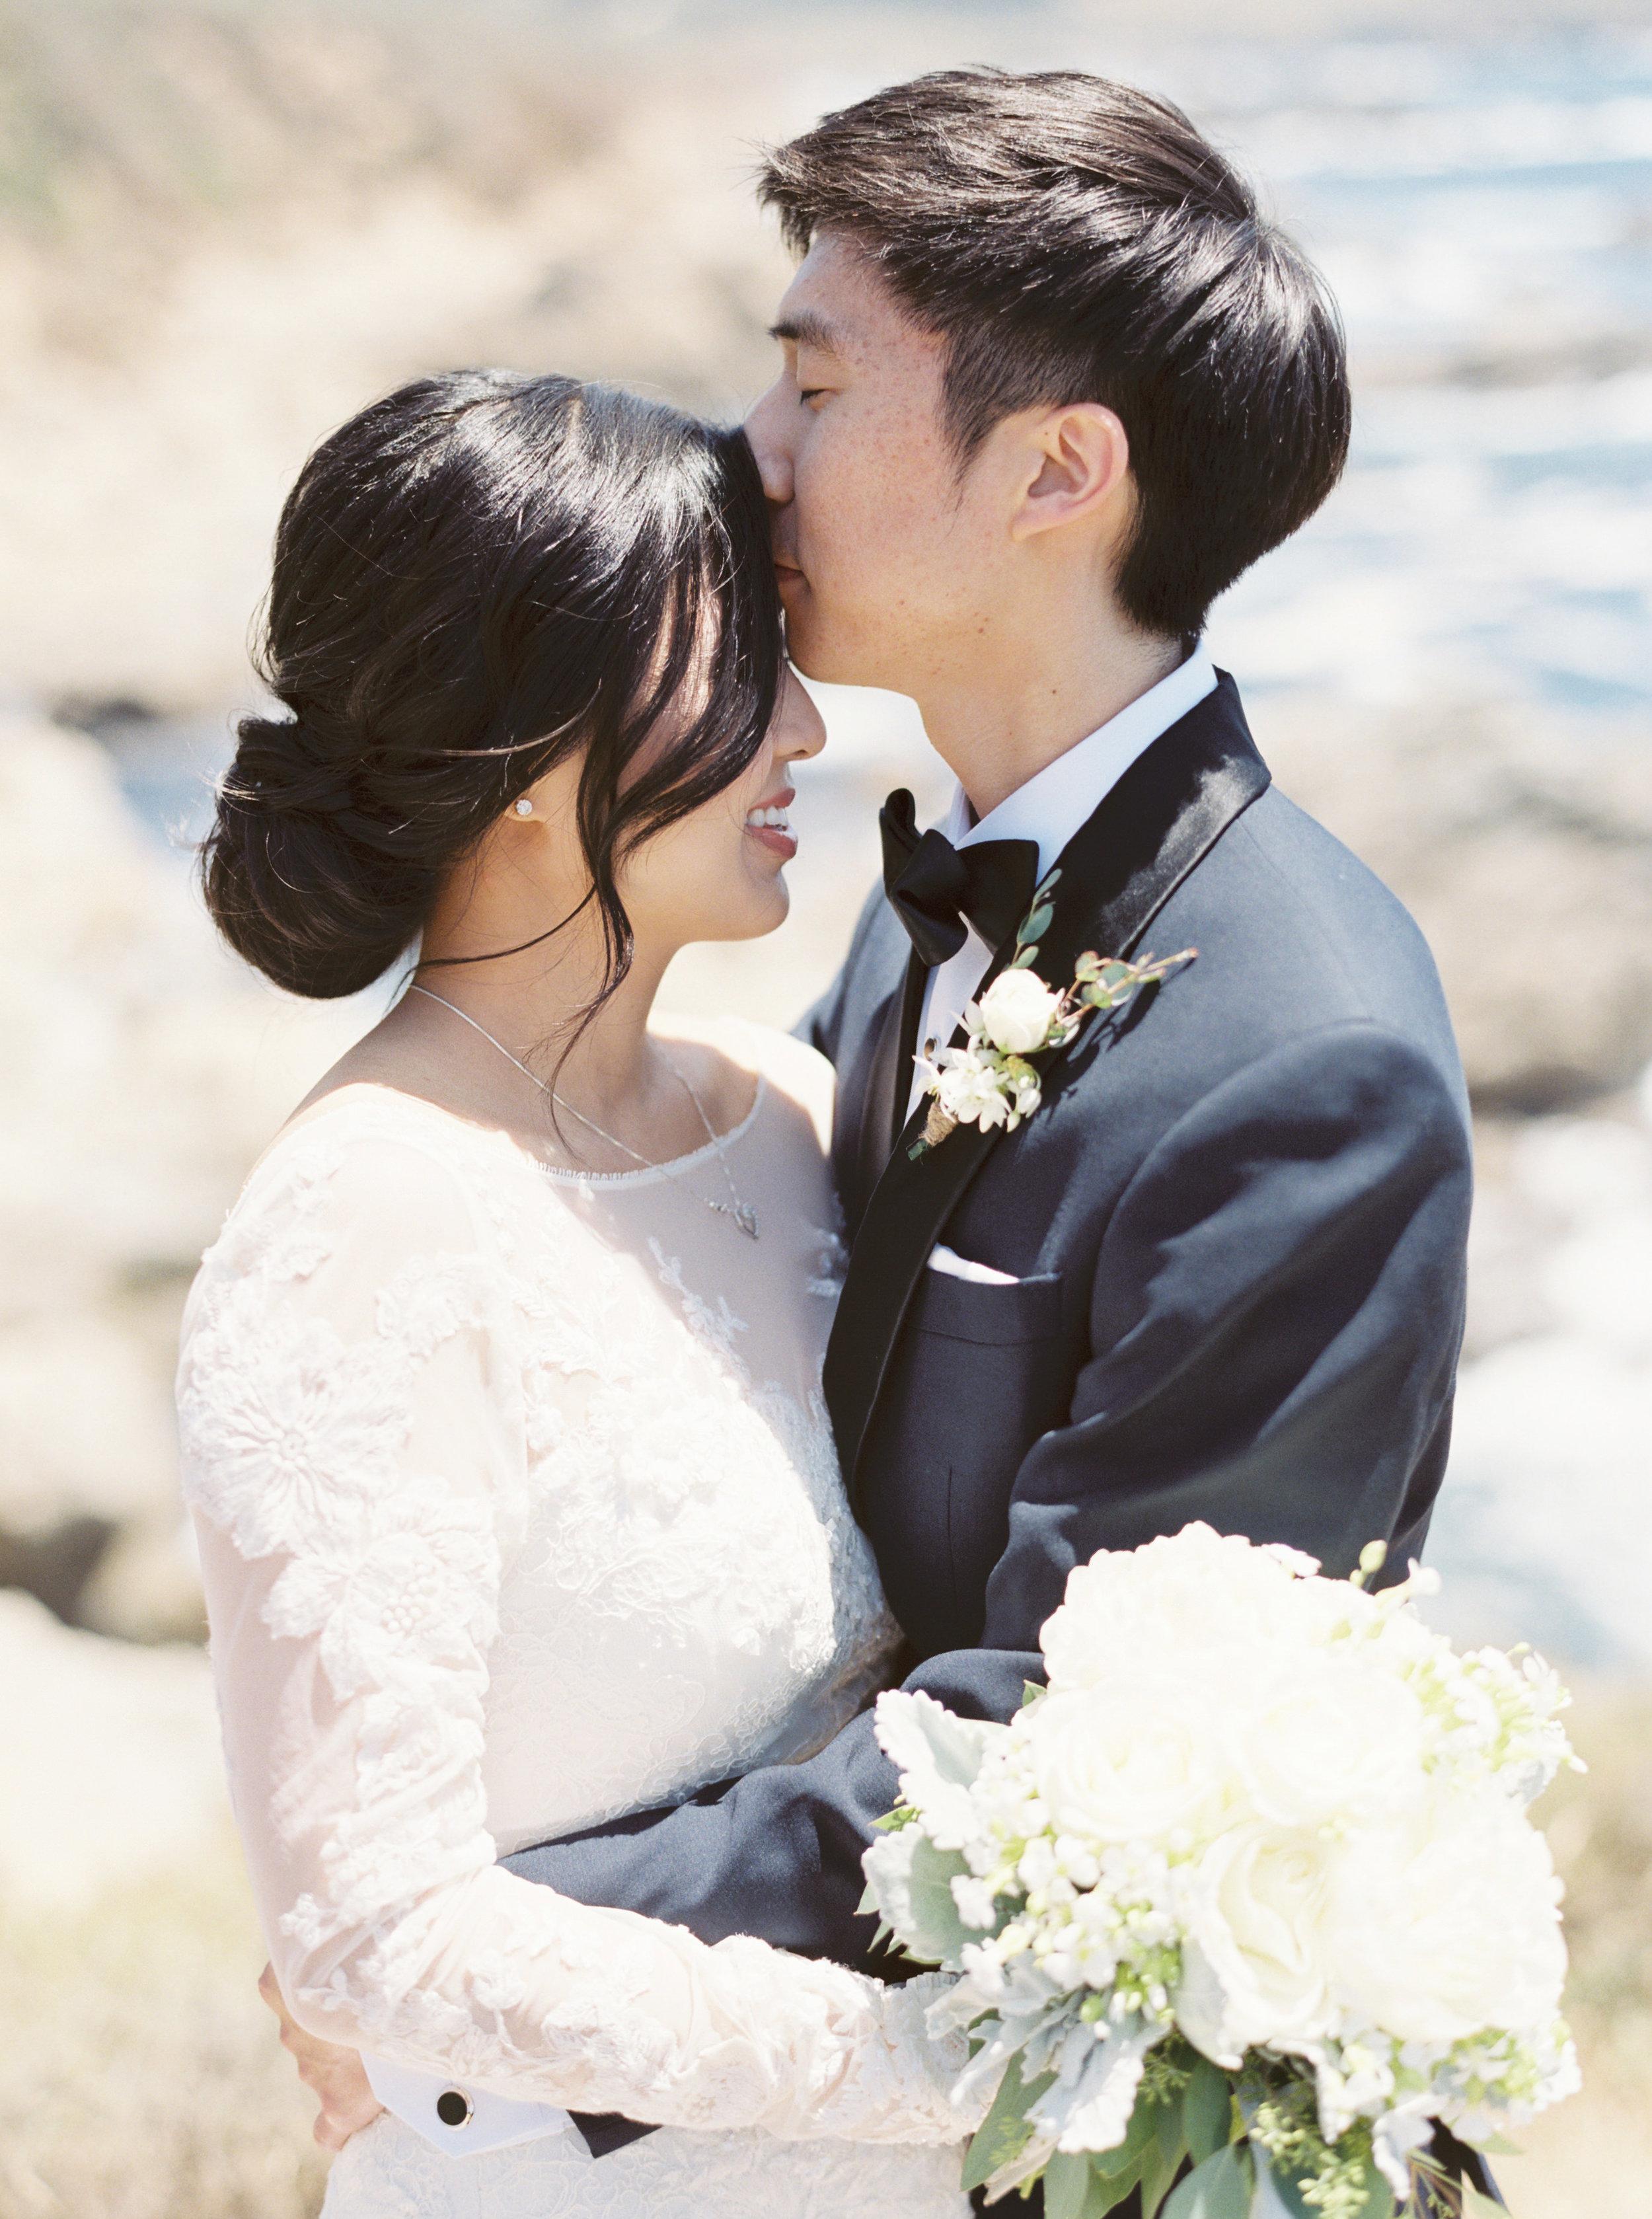 carmel-wedding-at-wedgewood-carmel-california-8.jpg